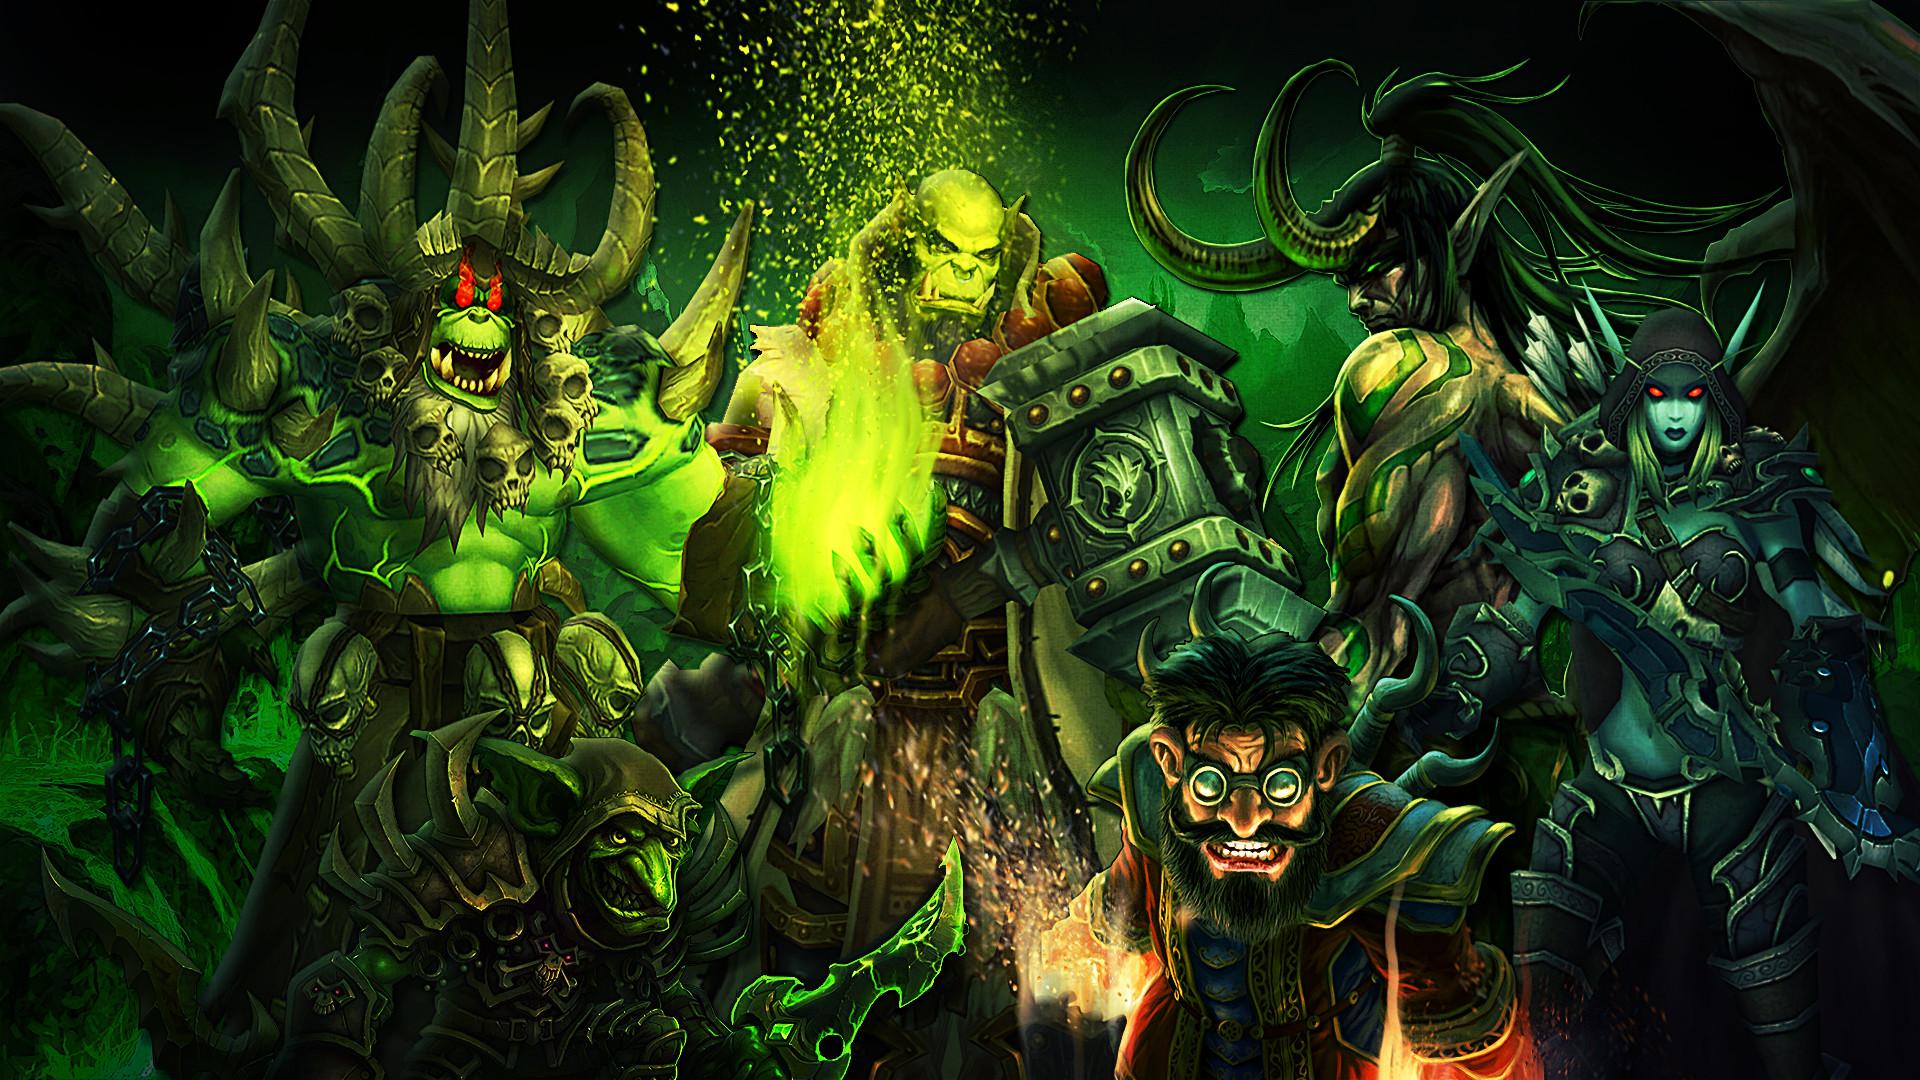 Res: 1920x1080, Computerspiele - World of Warcraft: Legion Warcraft Universe Wallpaper